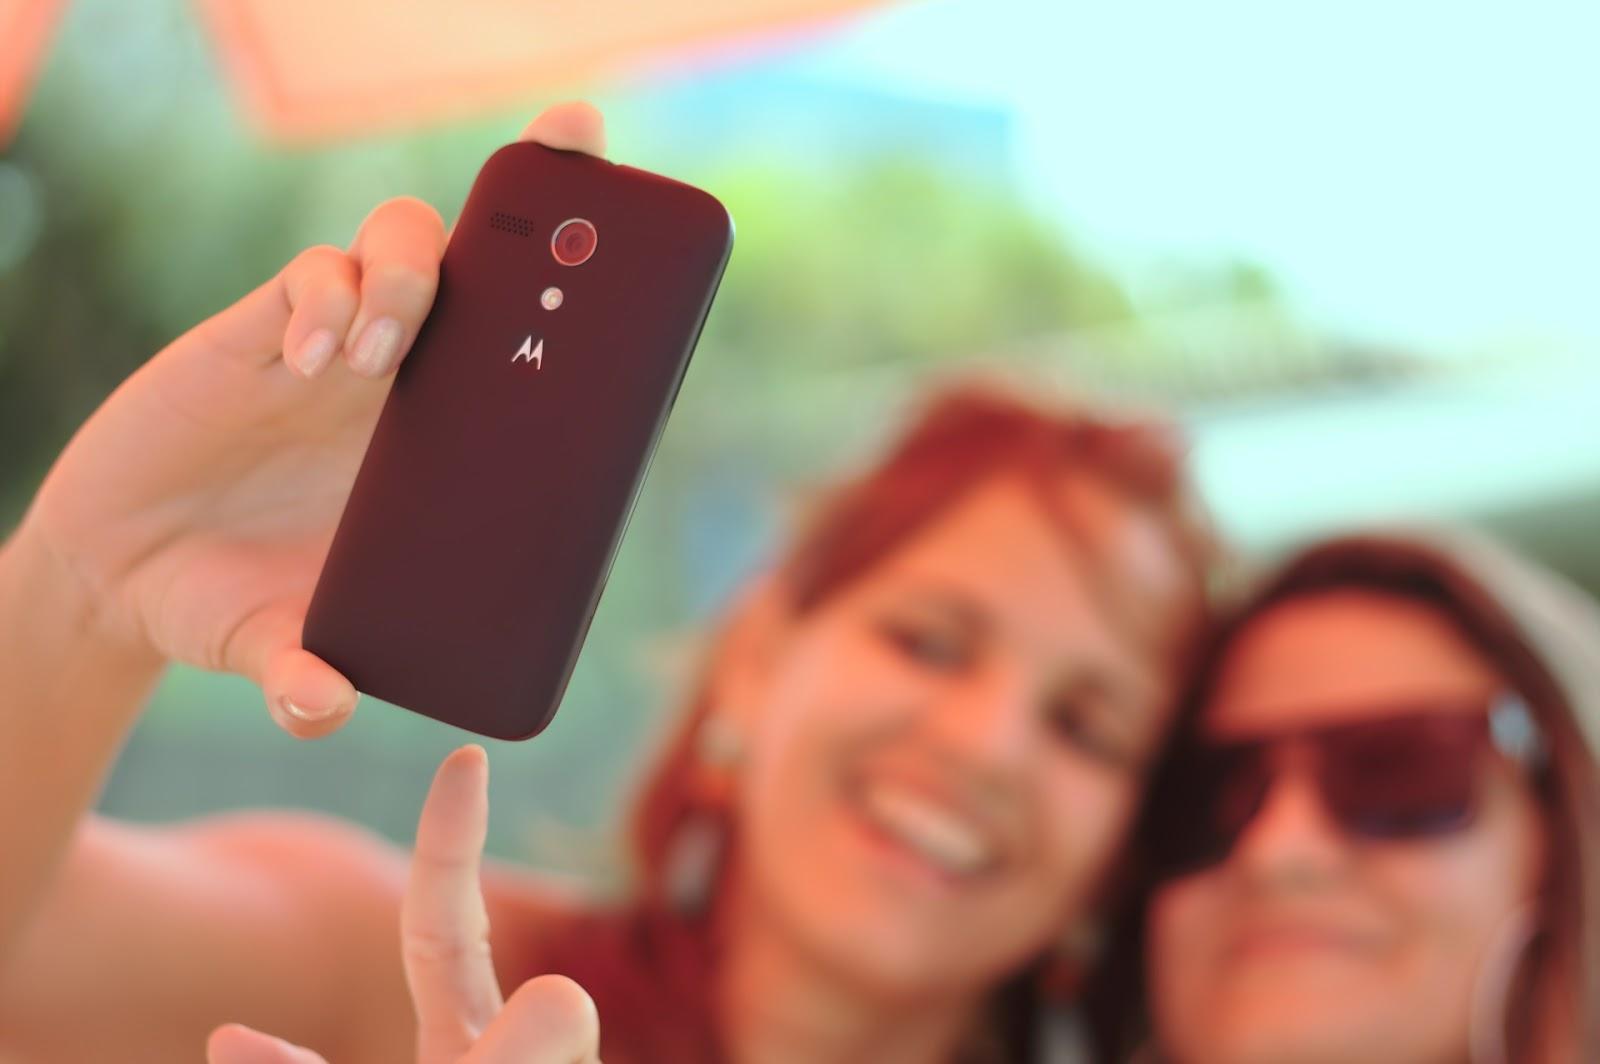 Tirar selfies a mostrar os dedos pode ser perigoso -- www.esperteza.com --  #selfie